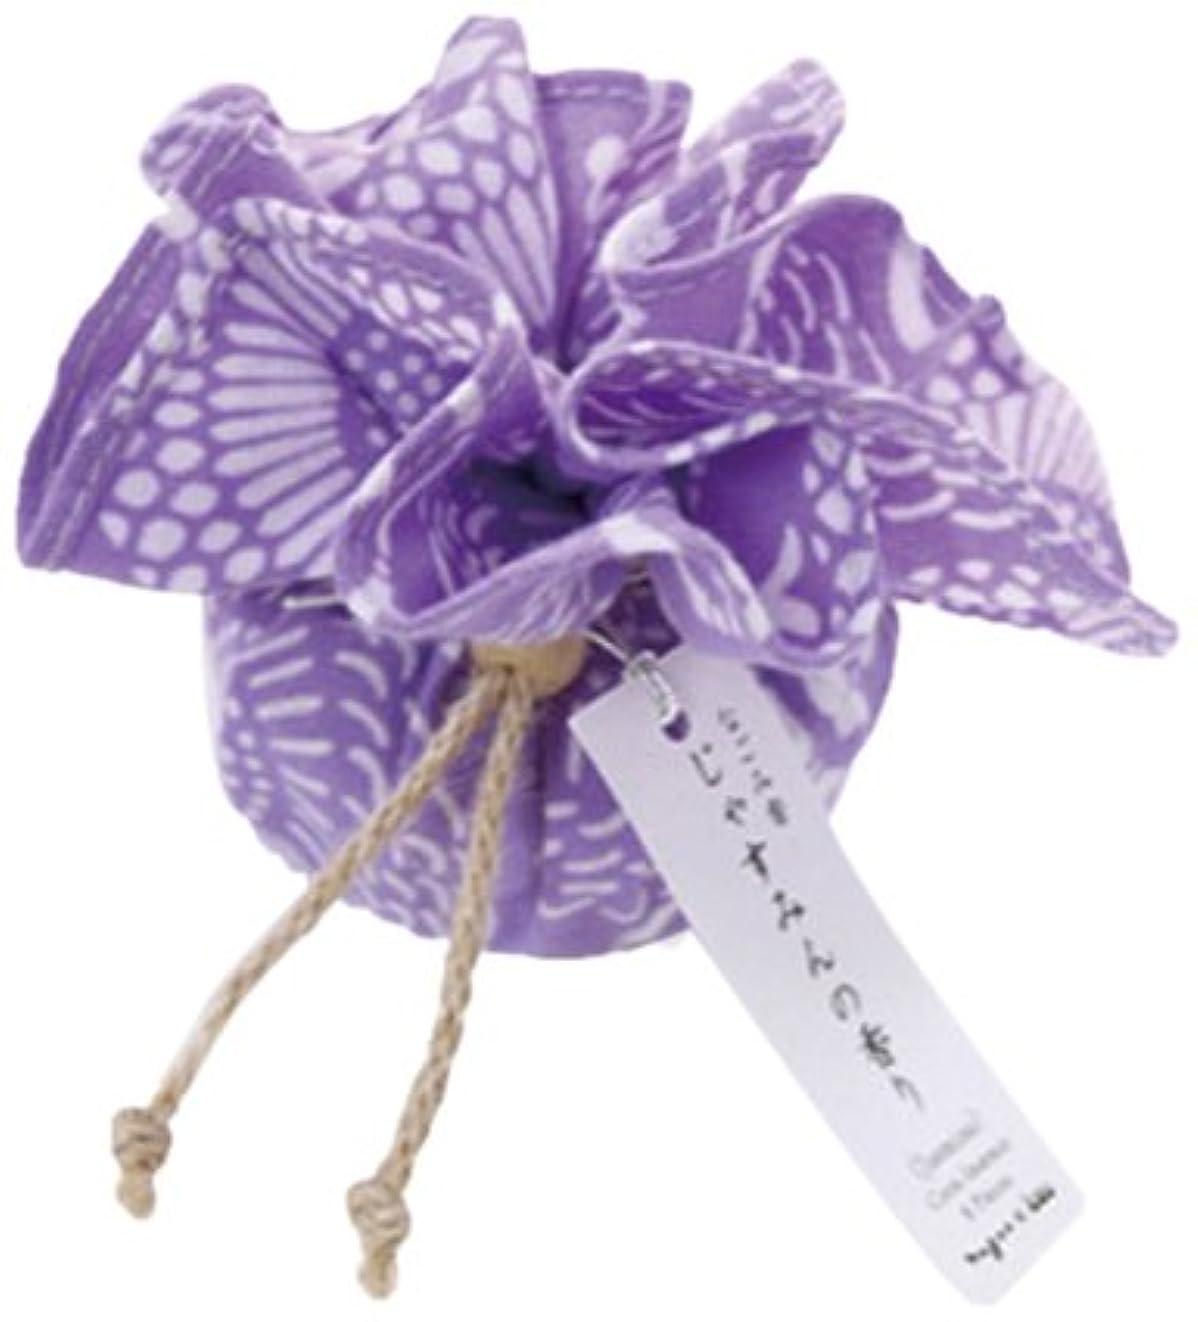 入口篭クアッガなごみ香 手拭巾着包 お香(コーンインセンス) じゃすみんの香り nugoo×kou 菊唐草(薄紫)